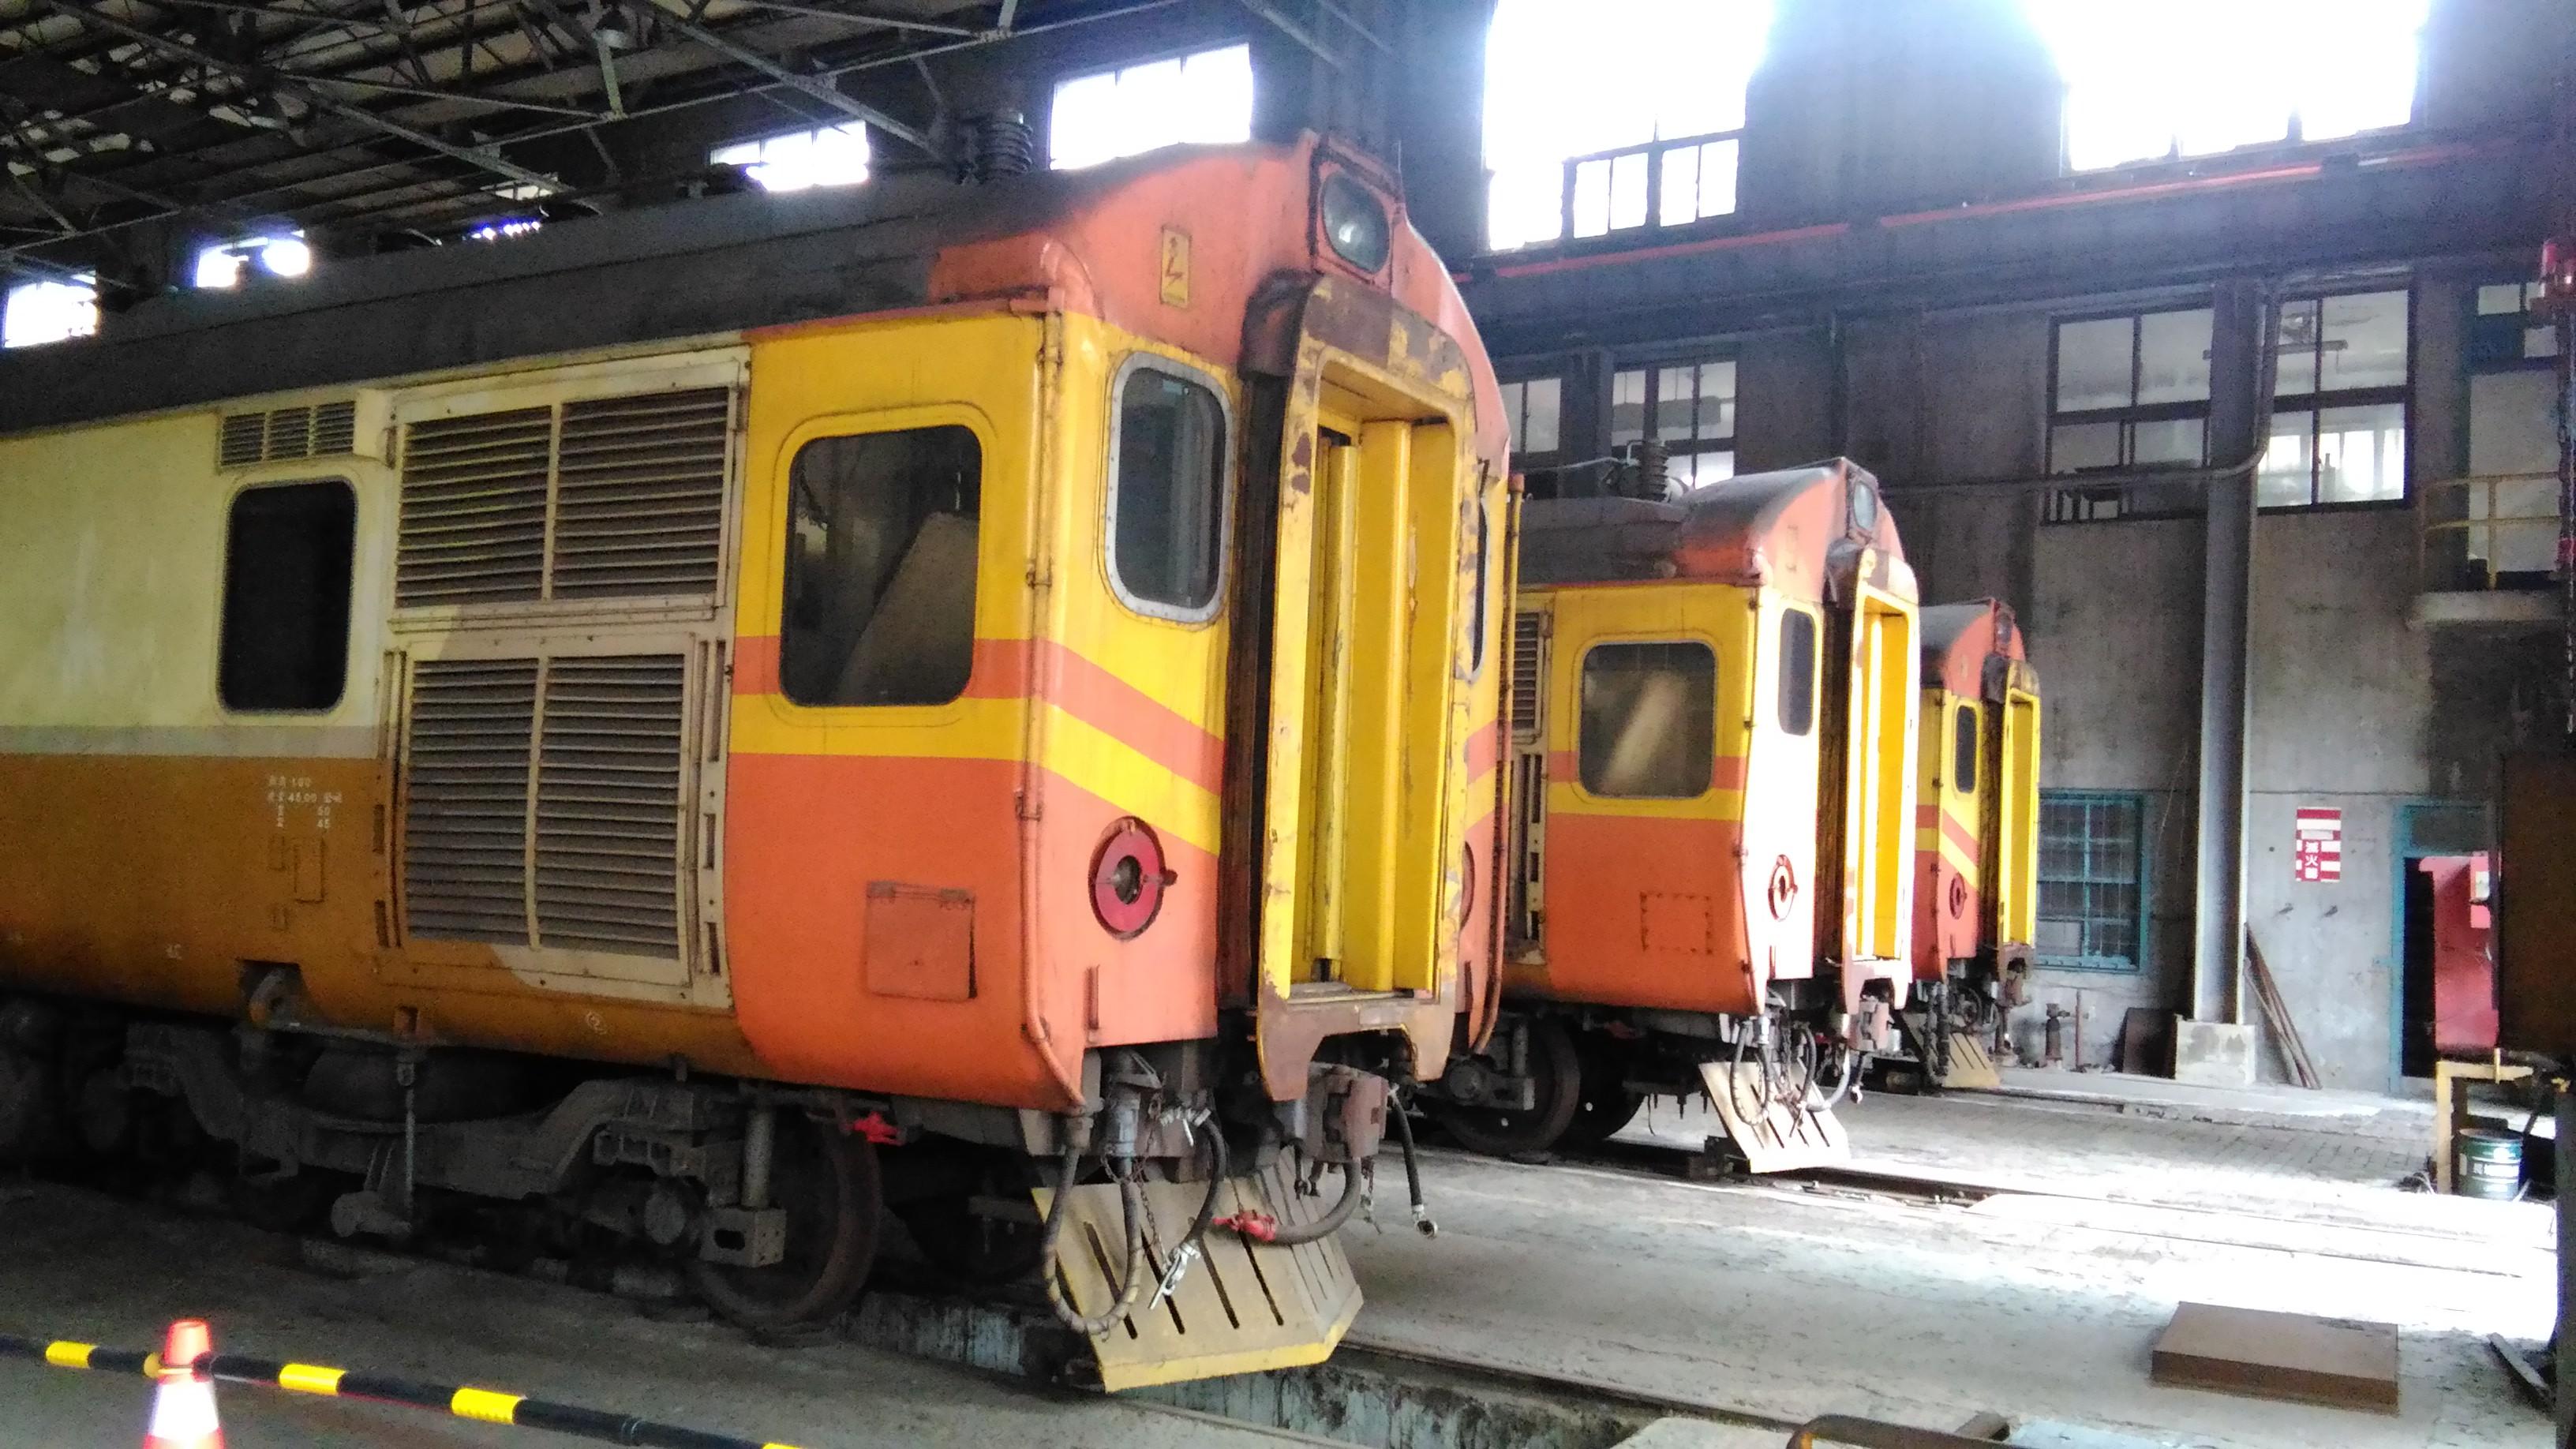 經1981年頭前溪事故後,台鐵將英國製的EMU100型自強號頭尾車廂改塗警戒的橘黃色。